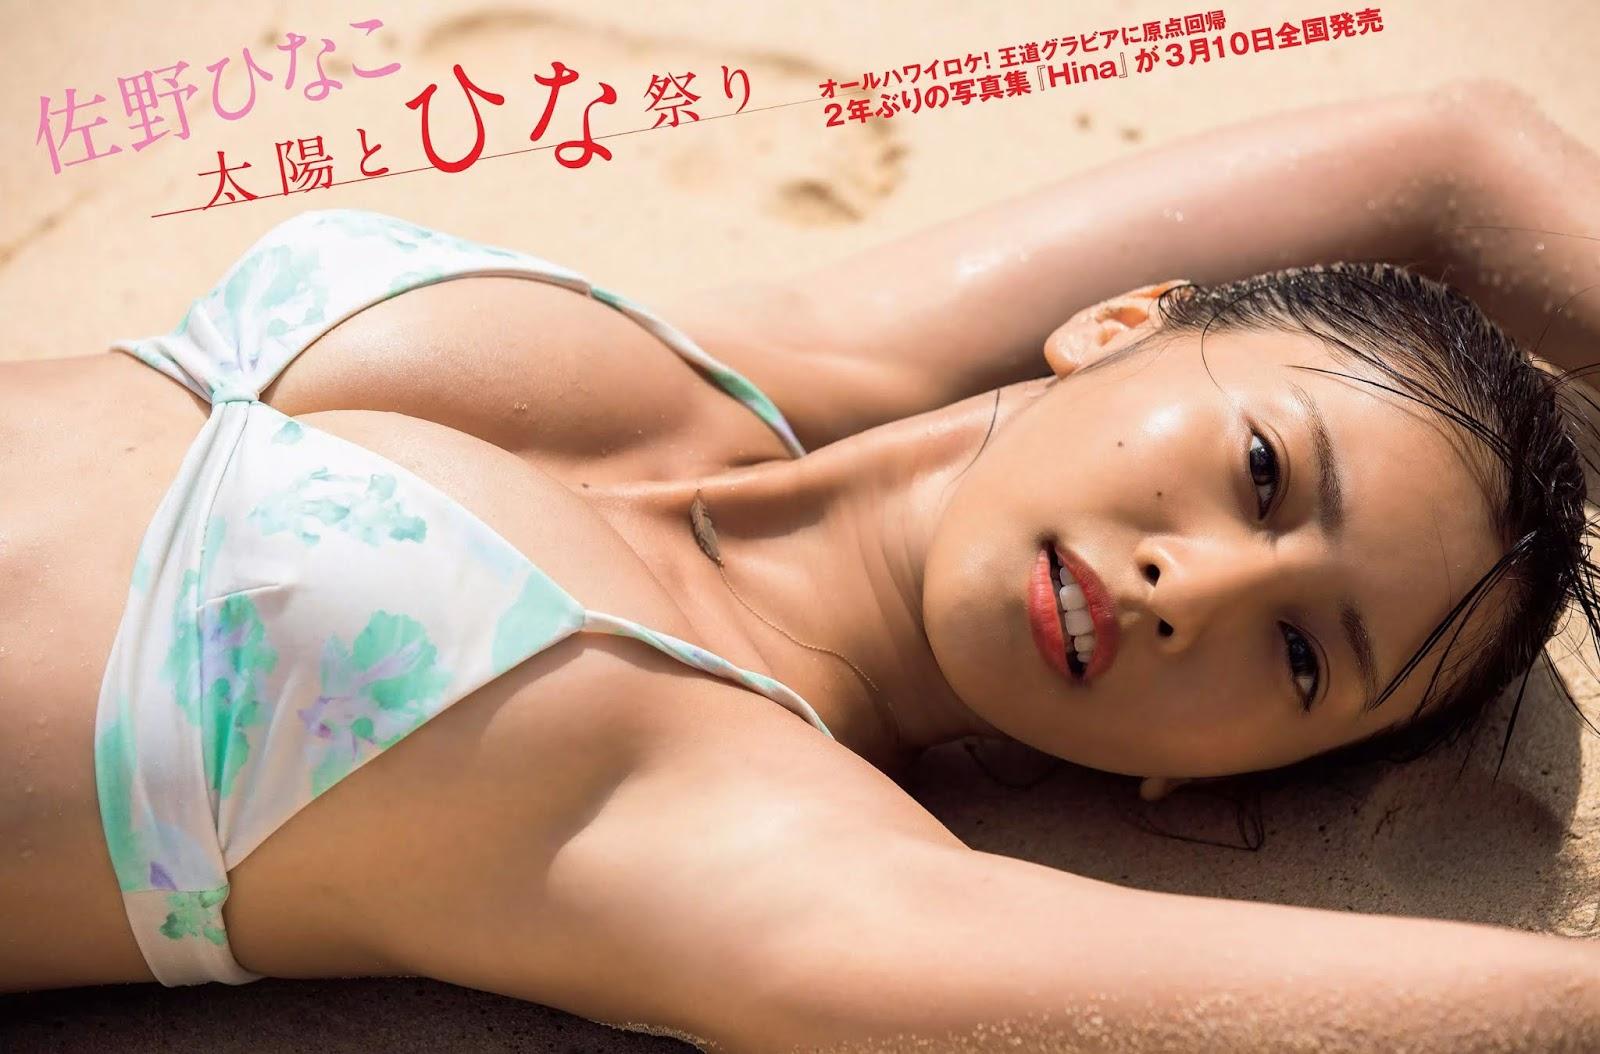 佐野ひなこ  性感造型解放.....渾圓美乳超可口 - 亞洲美女 -